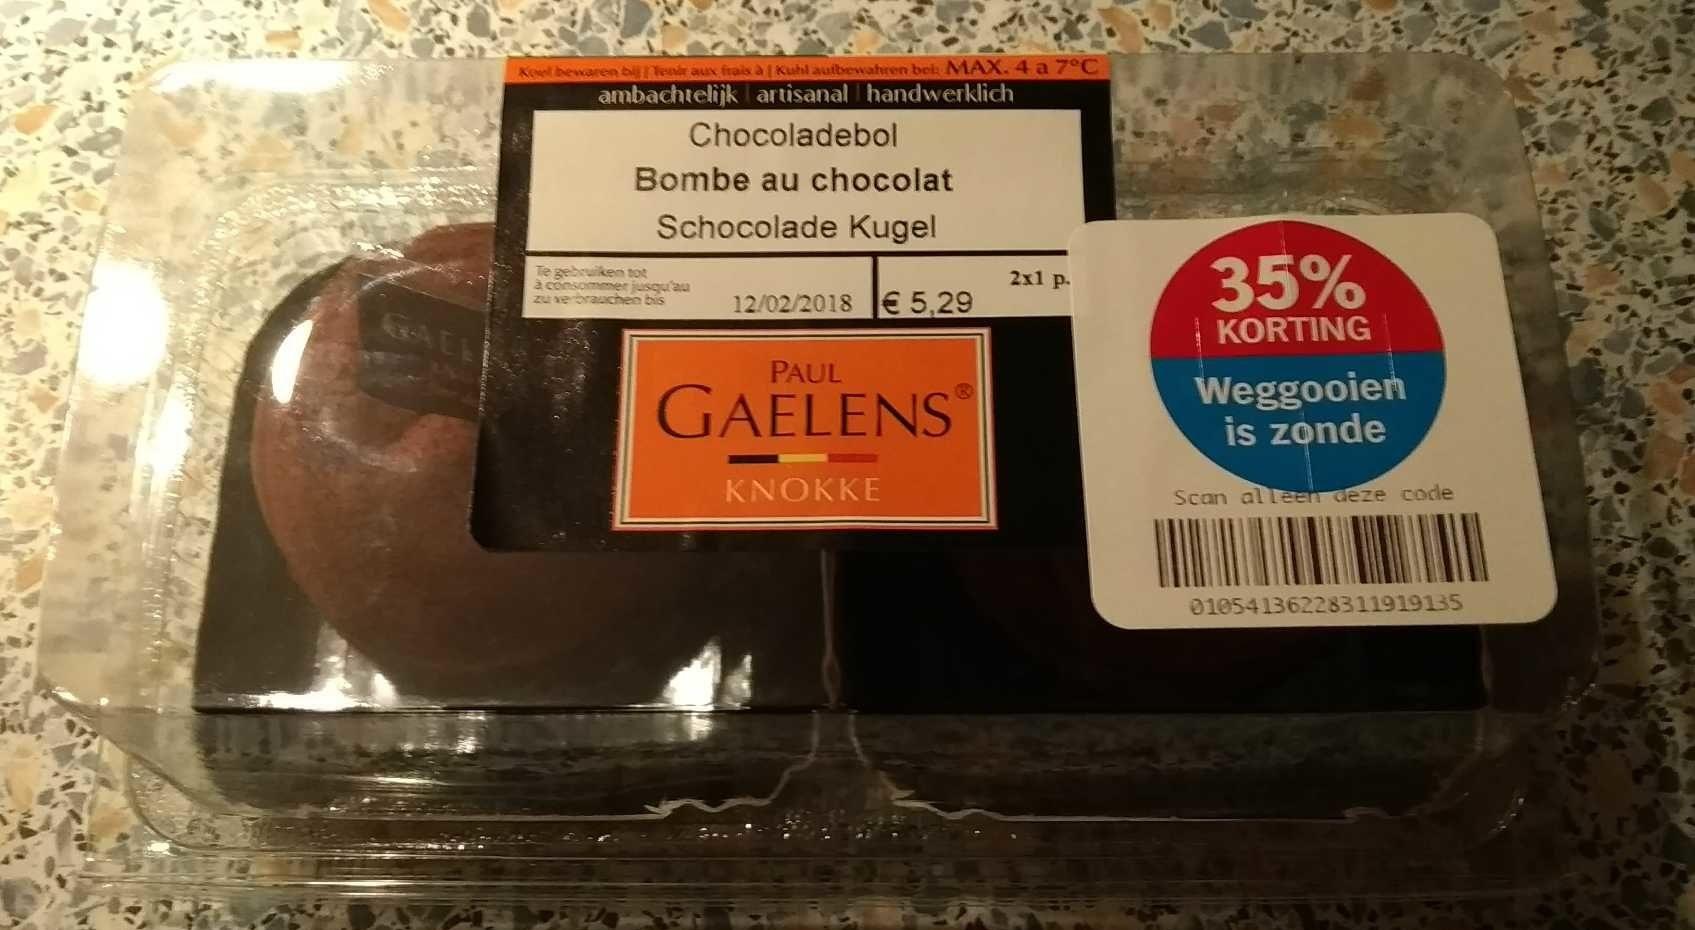 Bombe au chocolat - Product - nl